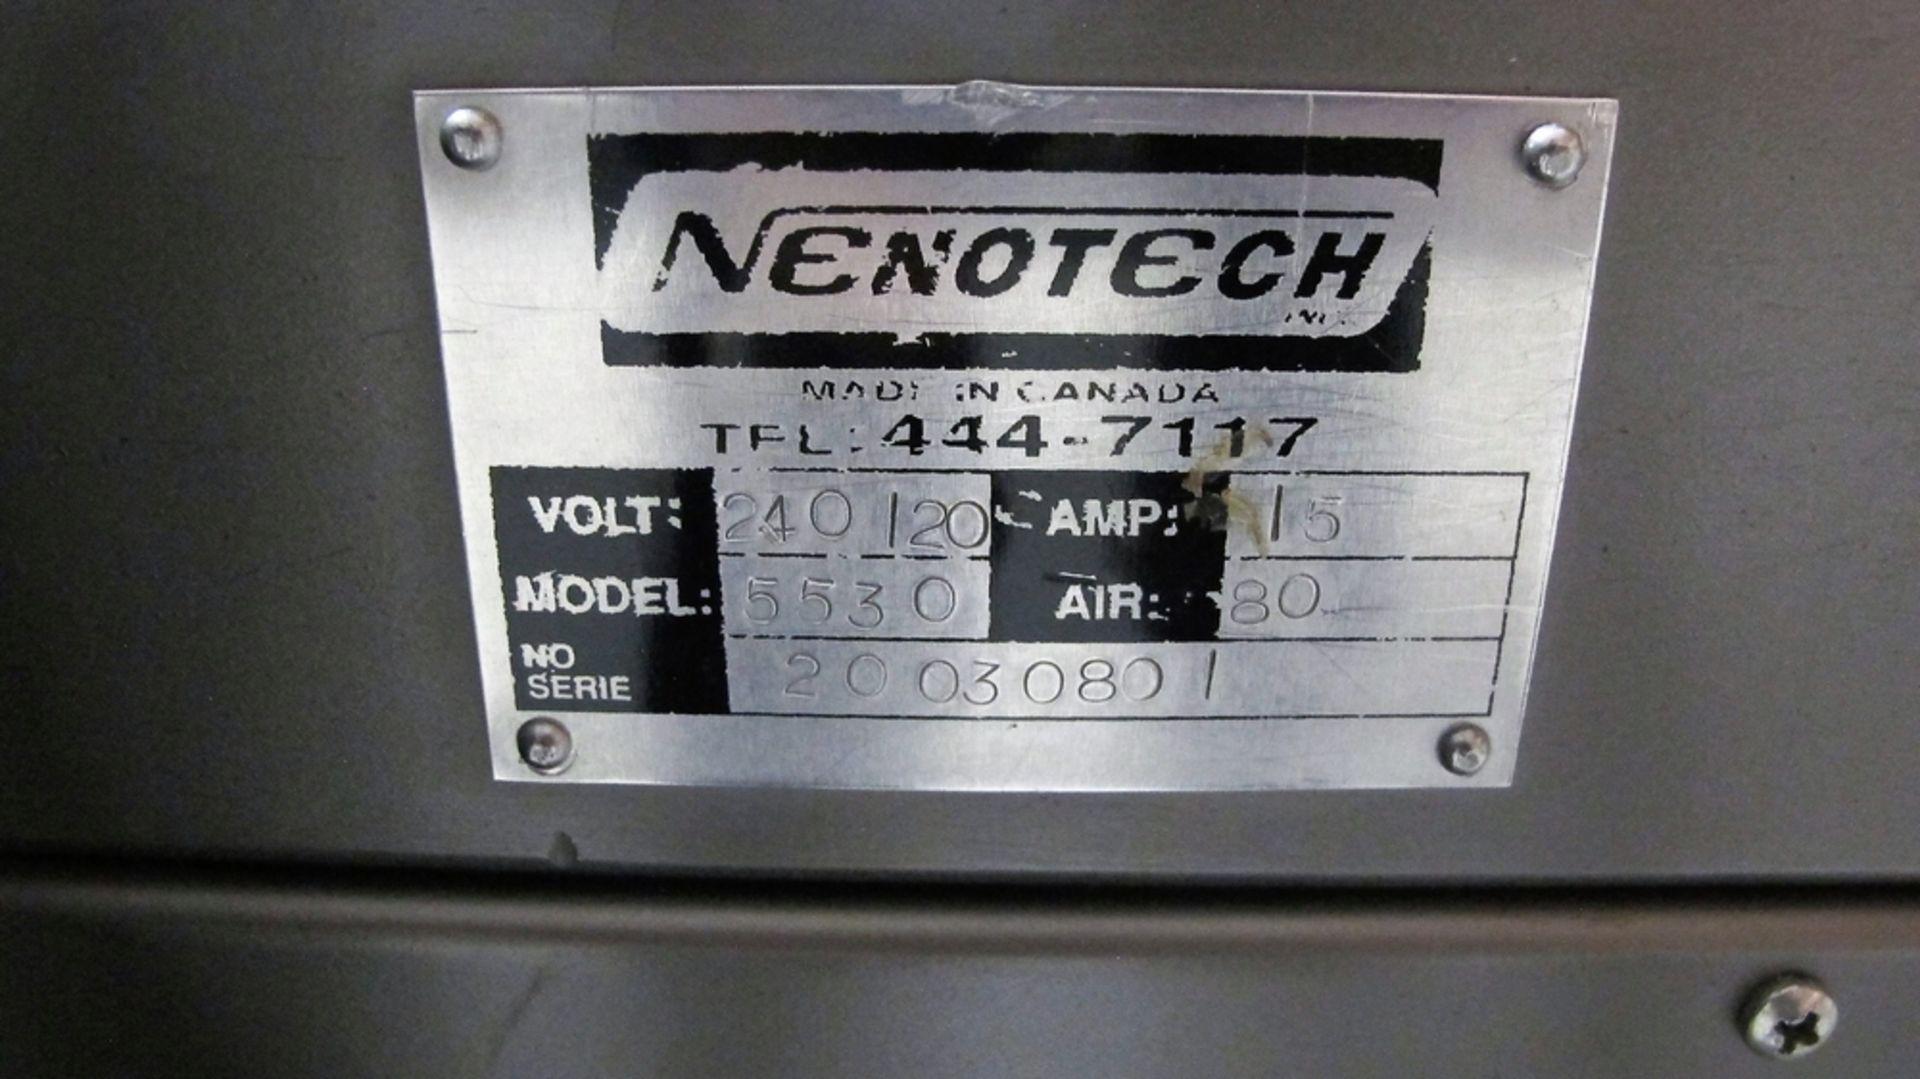 """Lot 150 - NENOTECH BAR SEALER MODEL 5530 W/ FRONT AND SIDE BAR SEALER, 24"""" BELT CONVEYOR, S/N 20030801"""